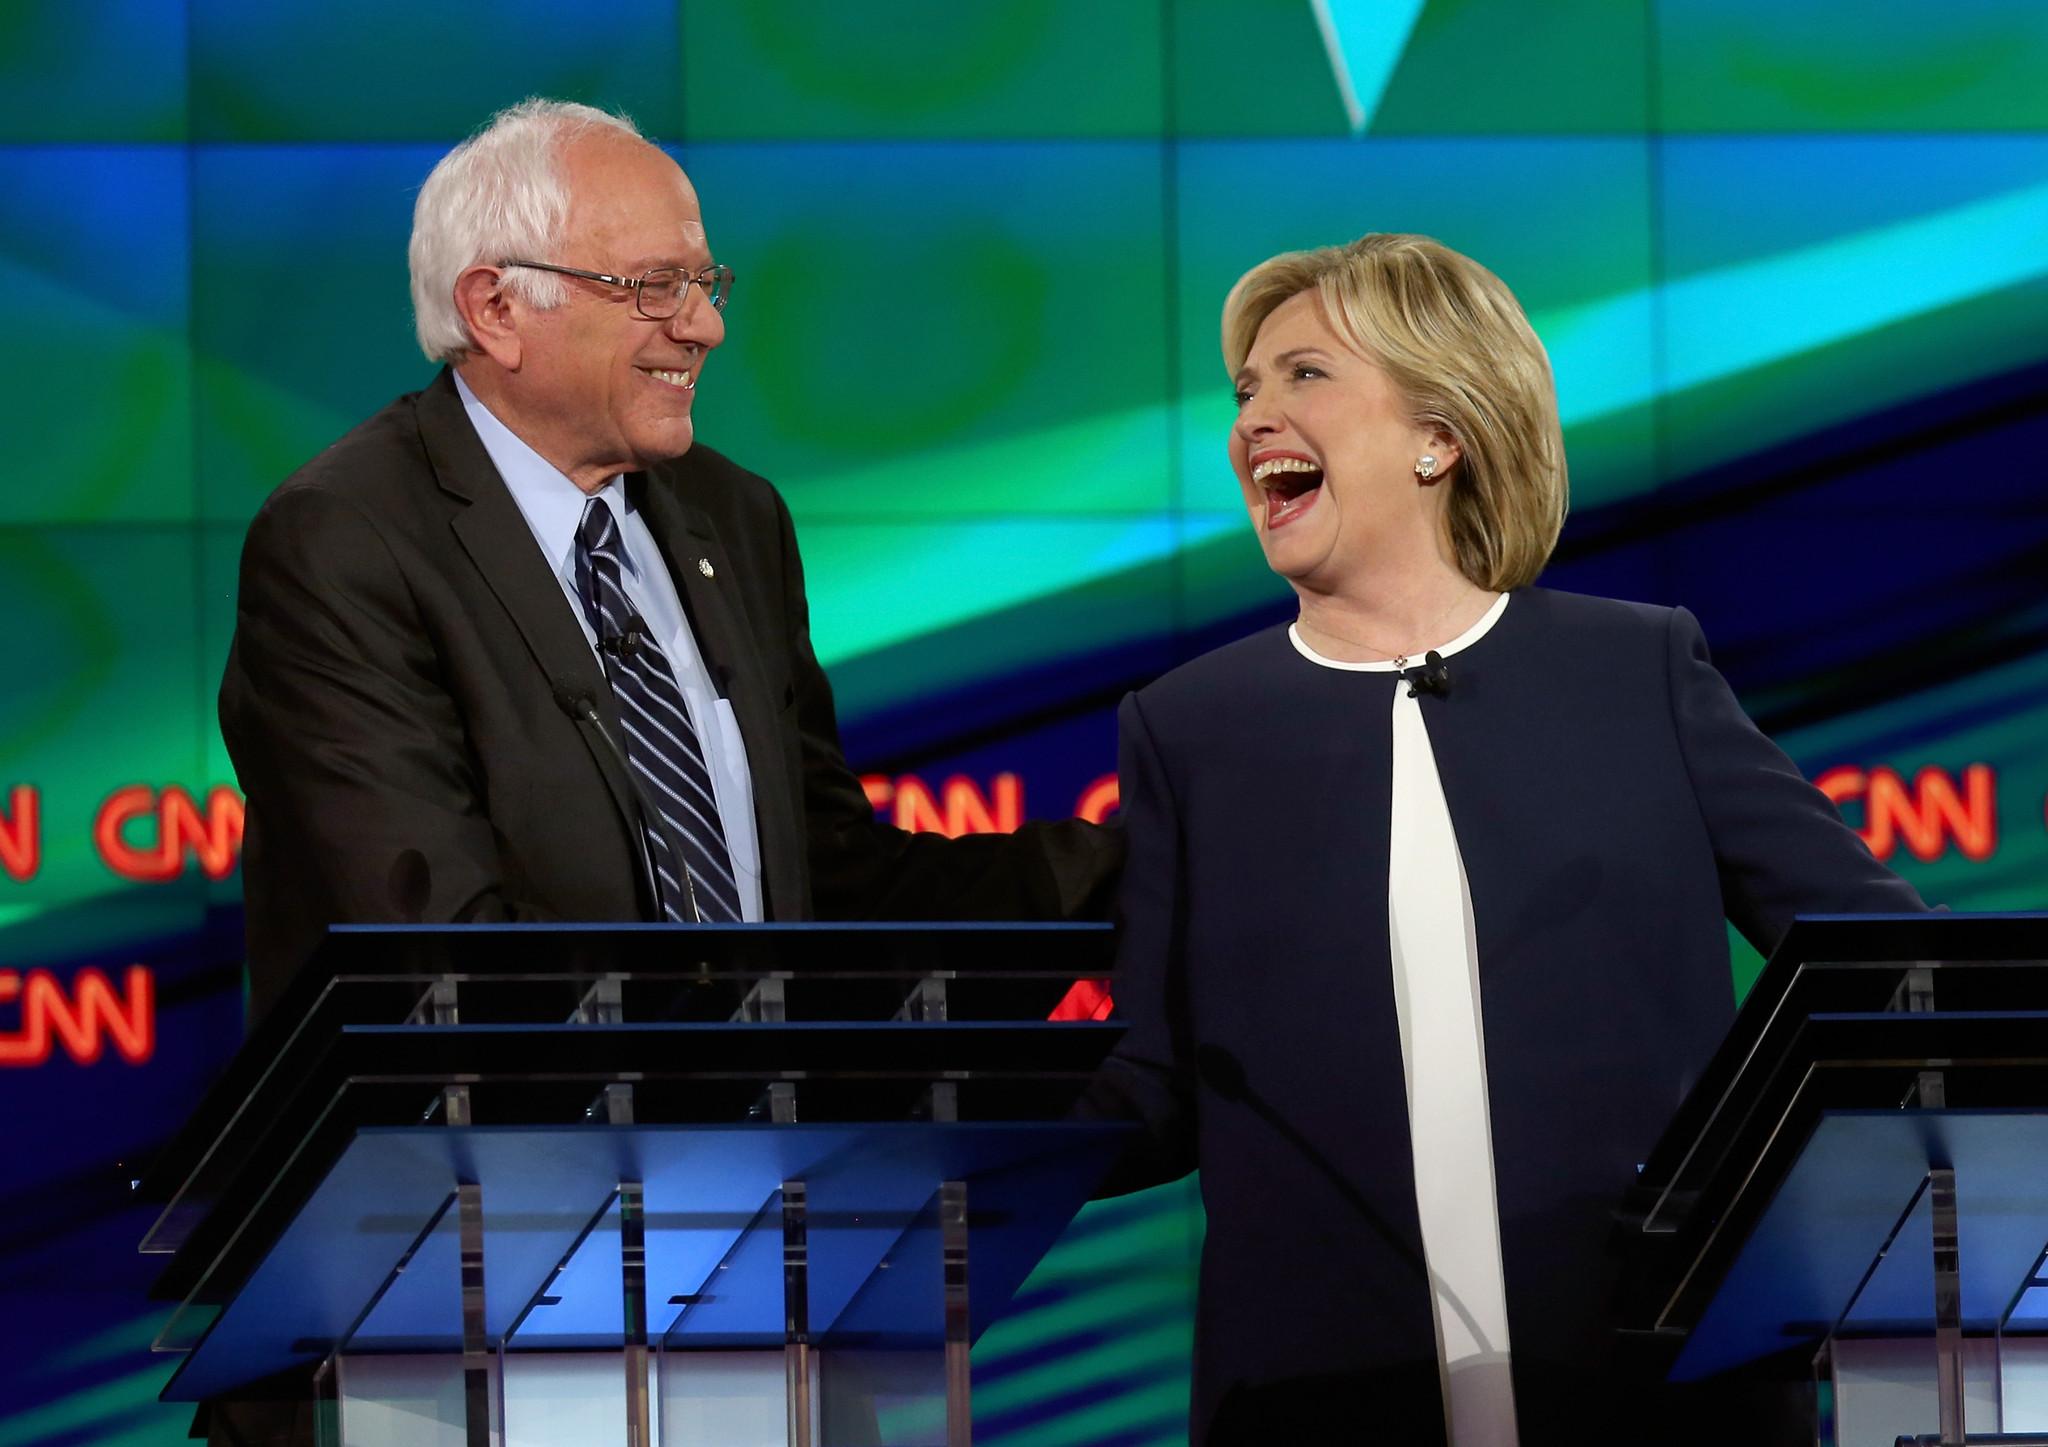 Clinton fiton përballjen me Bernie Sanders në Iowa